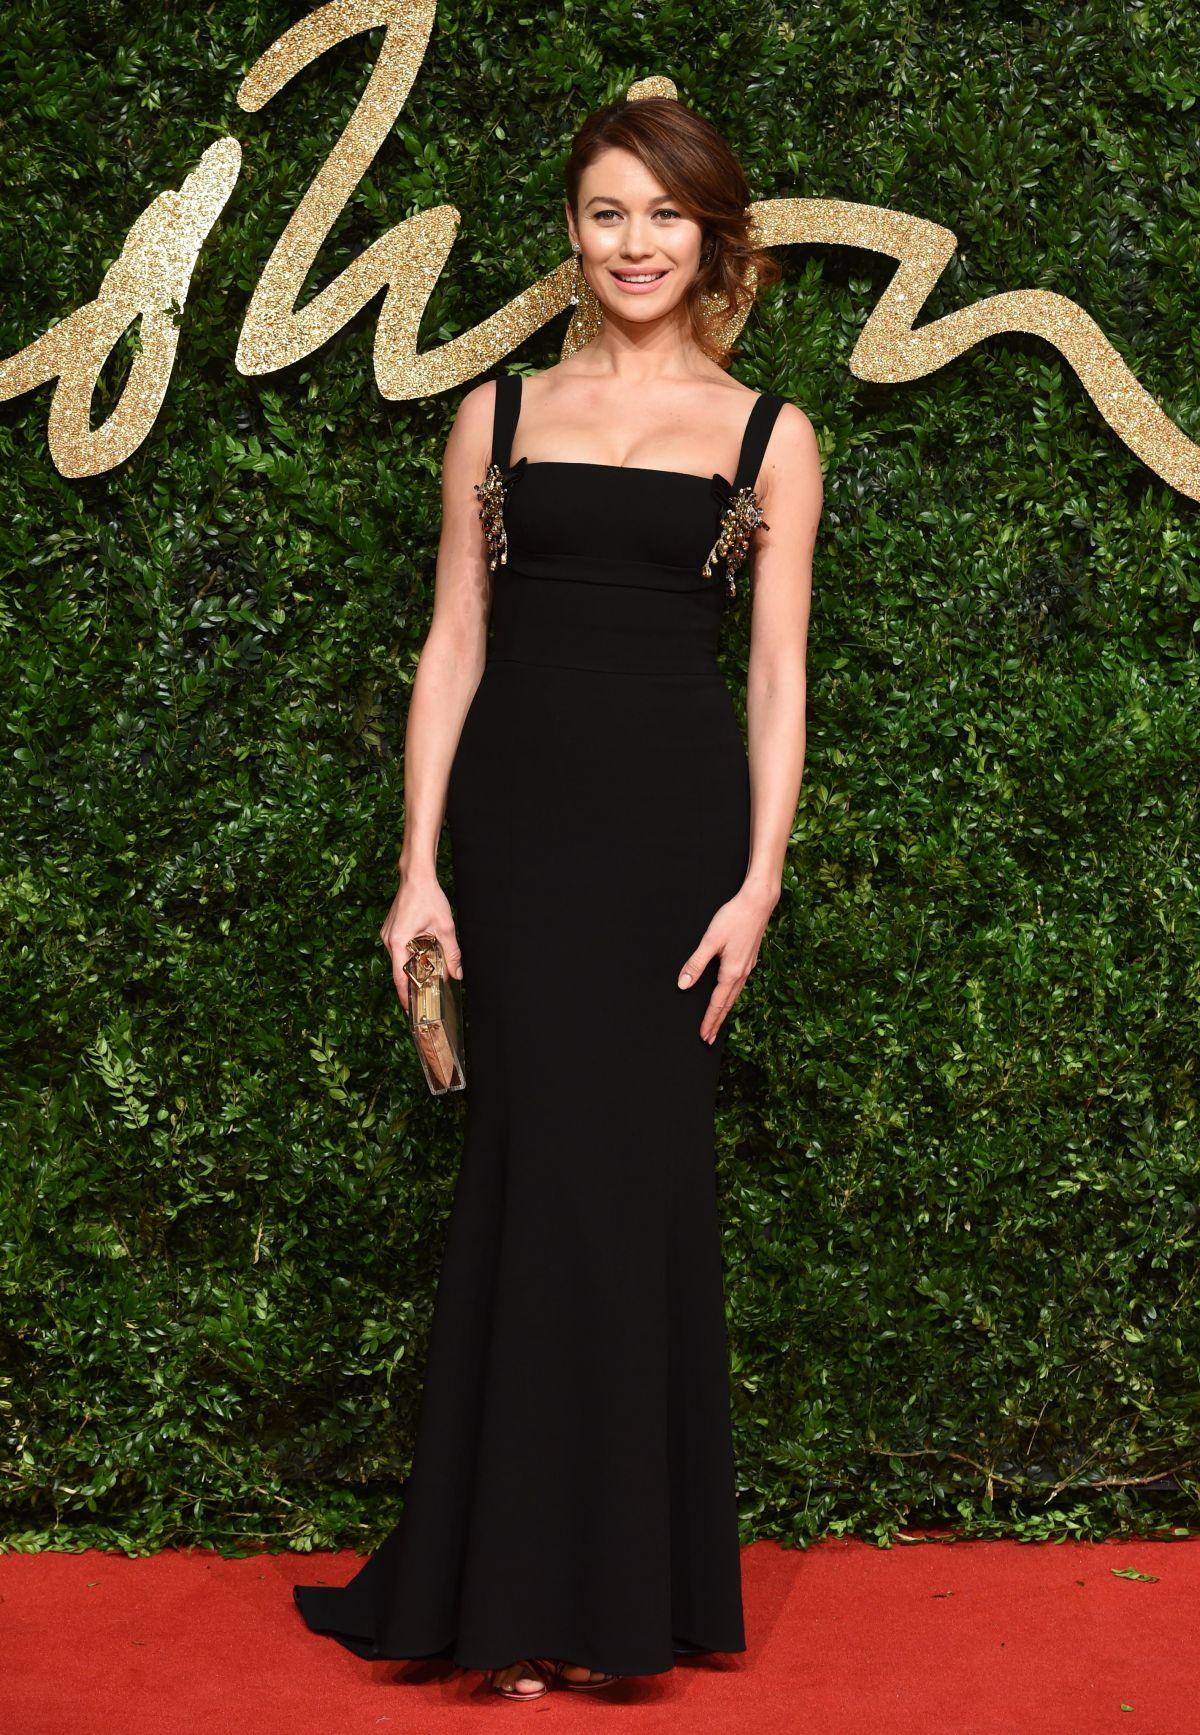 OLGA KURYLENKO at 2015 British Fashion Awards in London 11/23/2015